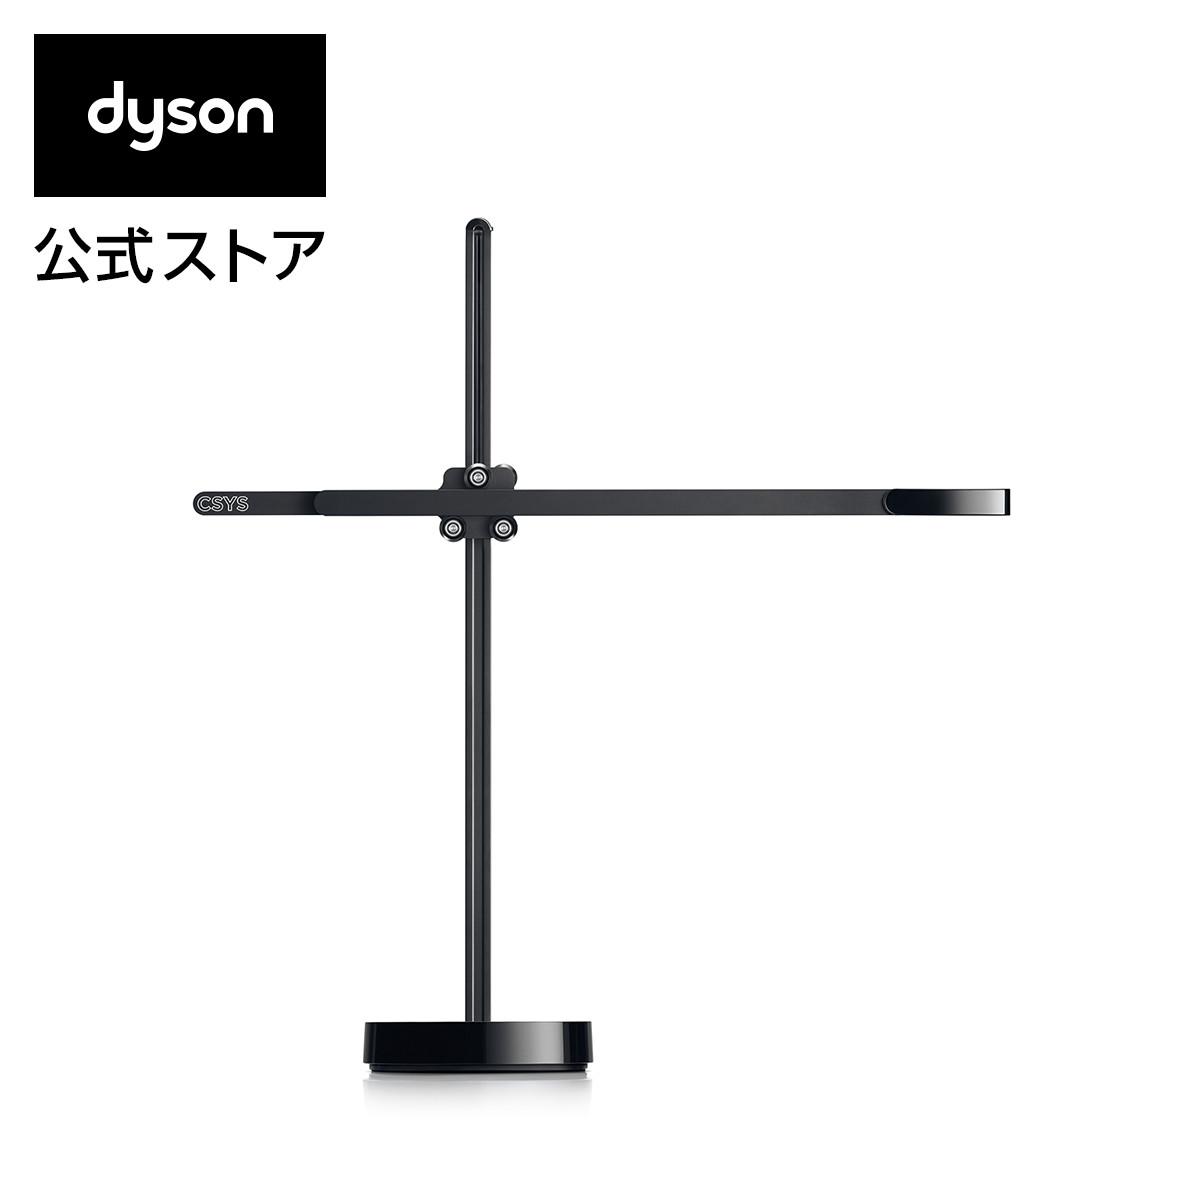 ダイソン Dyson CSYS desk LED照明器具 卓上型 ライト CSYSDESK BK BK ブラック/ブラック 【訳あり品・新品未使用/メーカー2年保証】